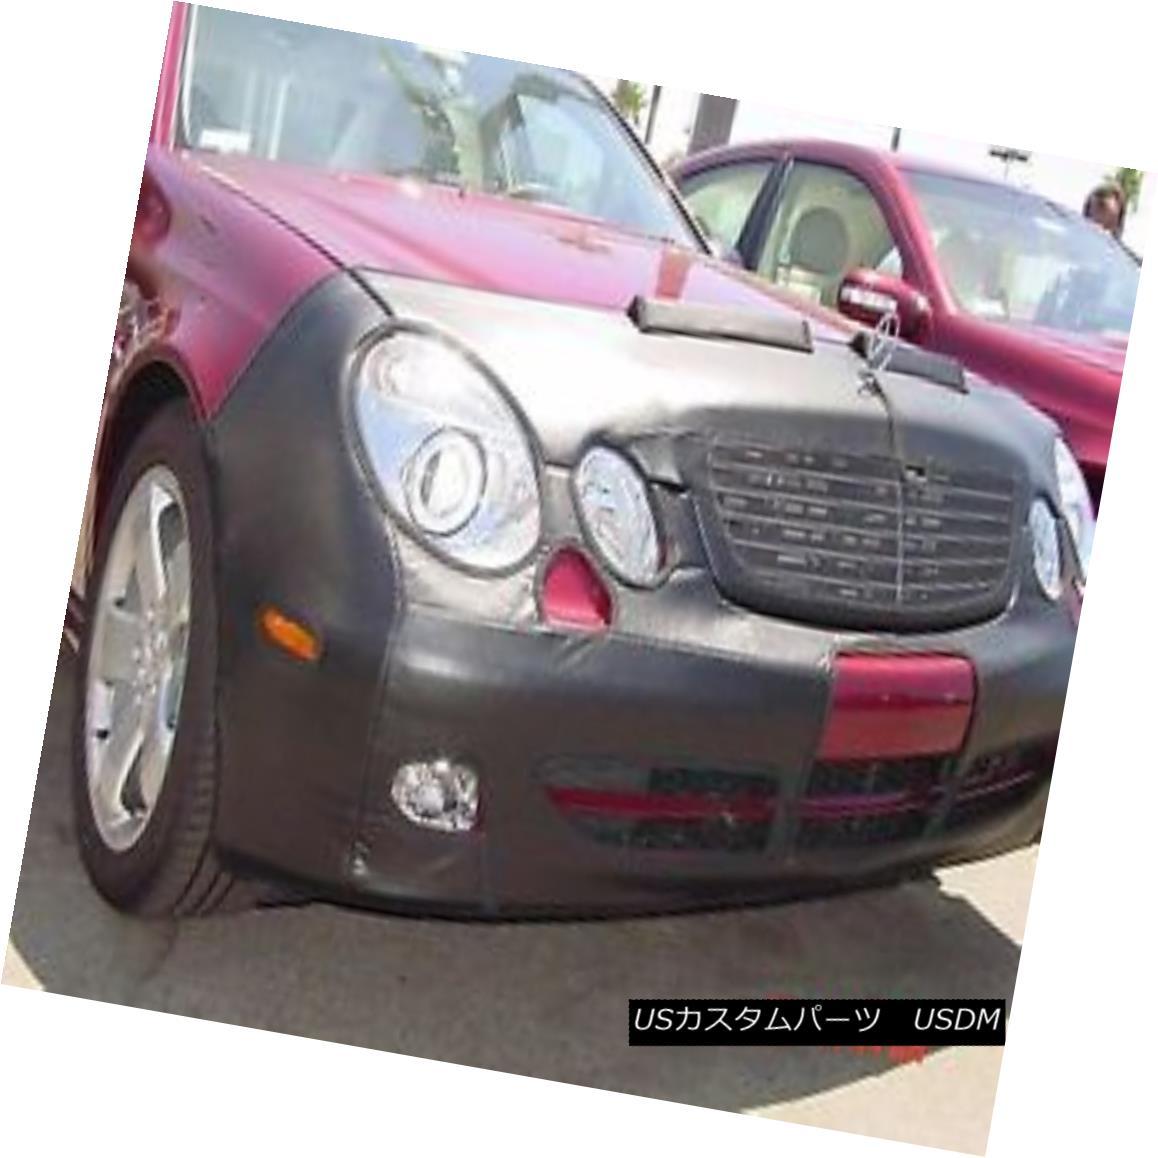 フルブラ ノーズブラ Colgan Front End Mask Bra 2pc. Fits Mercedes-Benz E320 & E350 W/ Tag 2003-2006 コルガンフロントエンドマスクブラ2pc メルセデスベンツE320& E350 W /タグ2003-2006